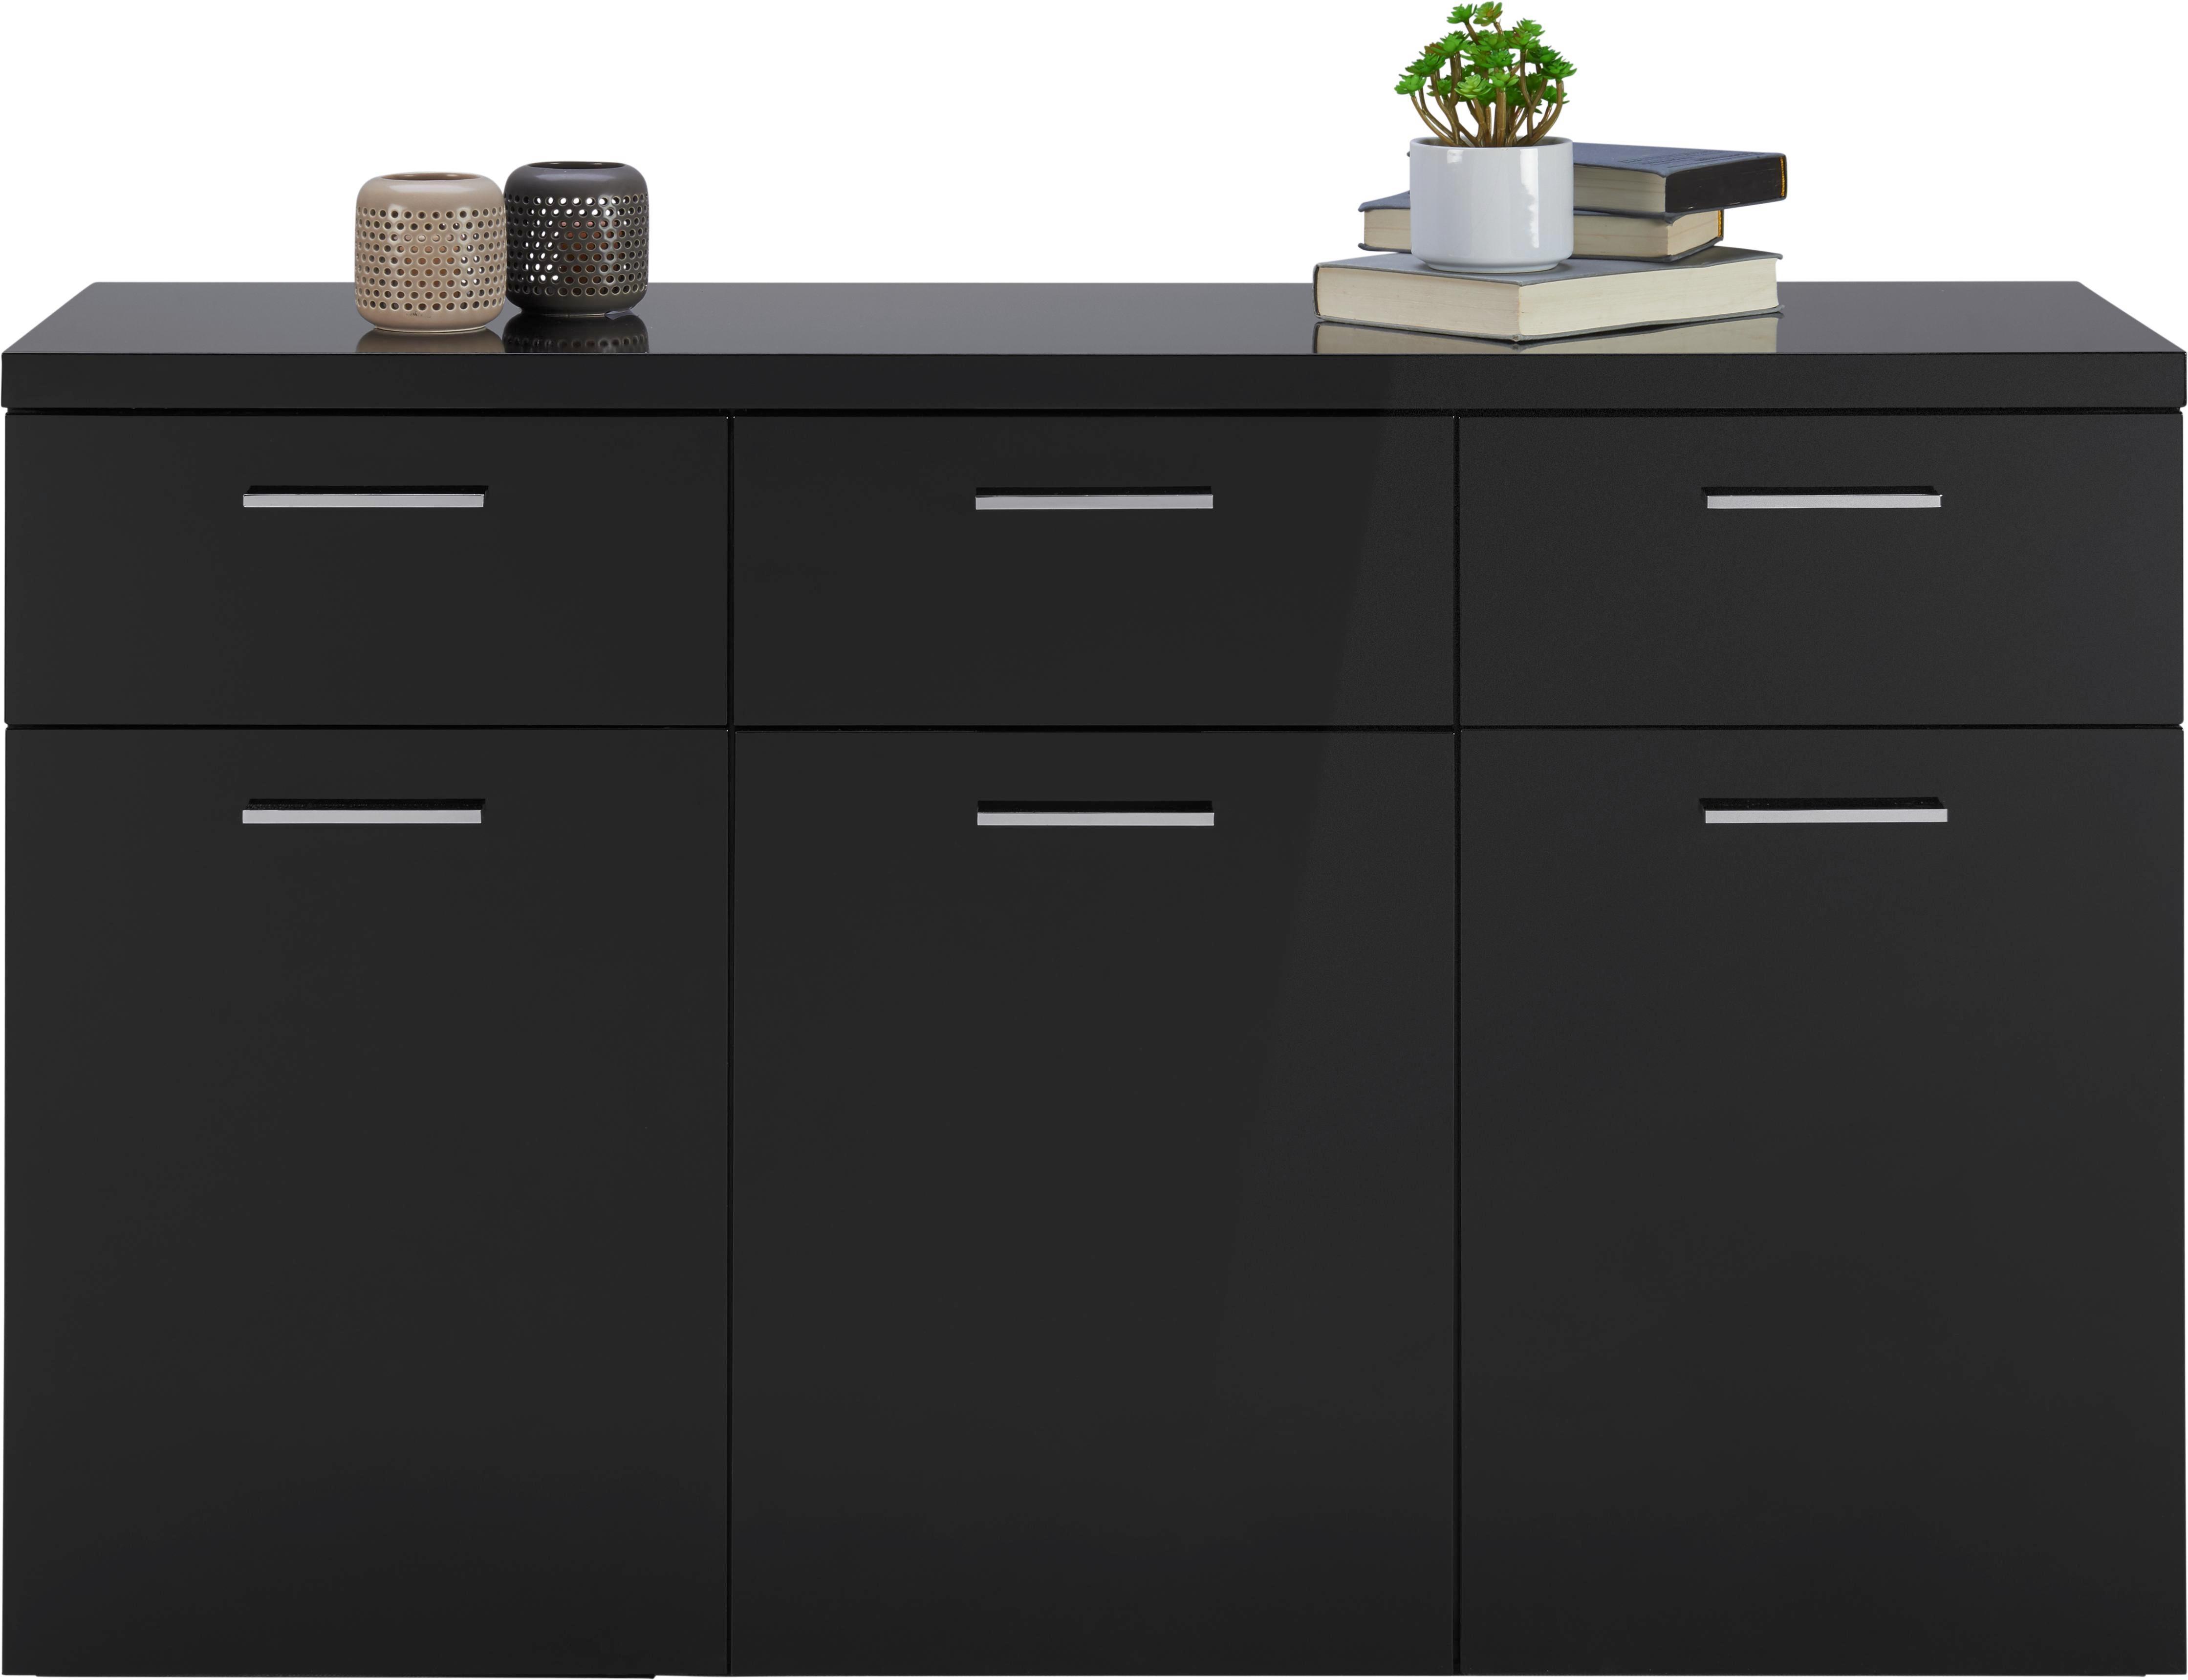 nachttisch schwarz hochglanz wimex nachttisch with nachttisch schwarz hochglanz beliebte. Black Bedroom Furniture Sets. Home Design Ideas